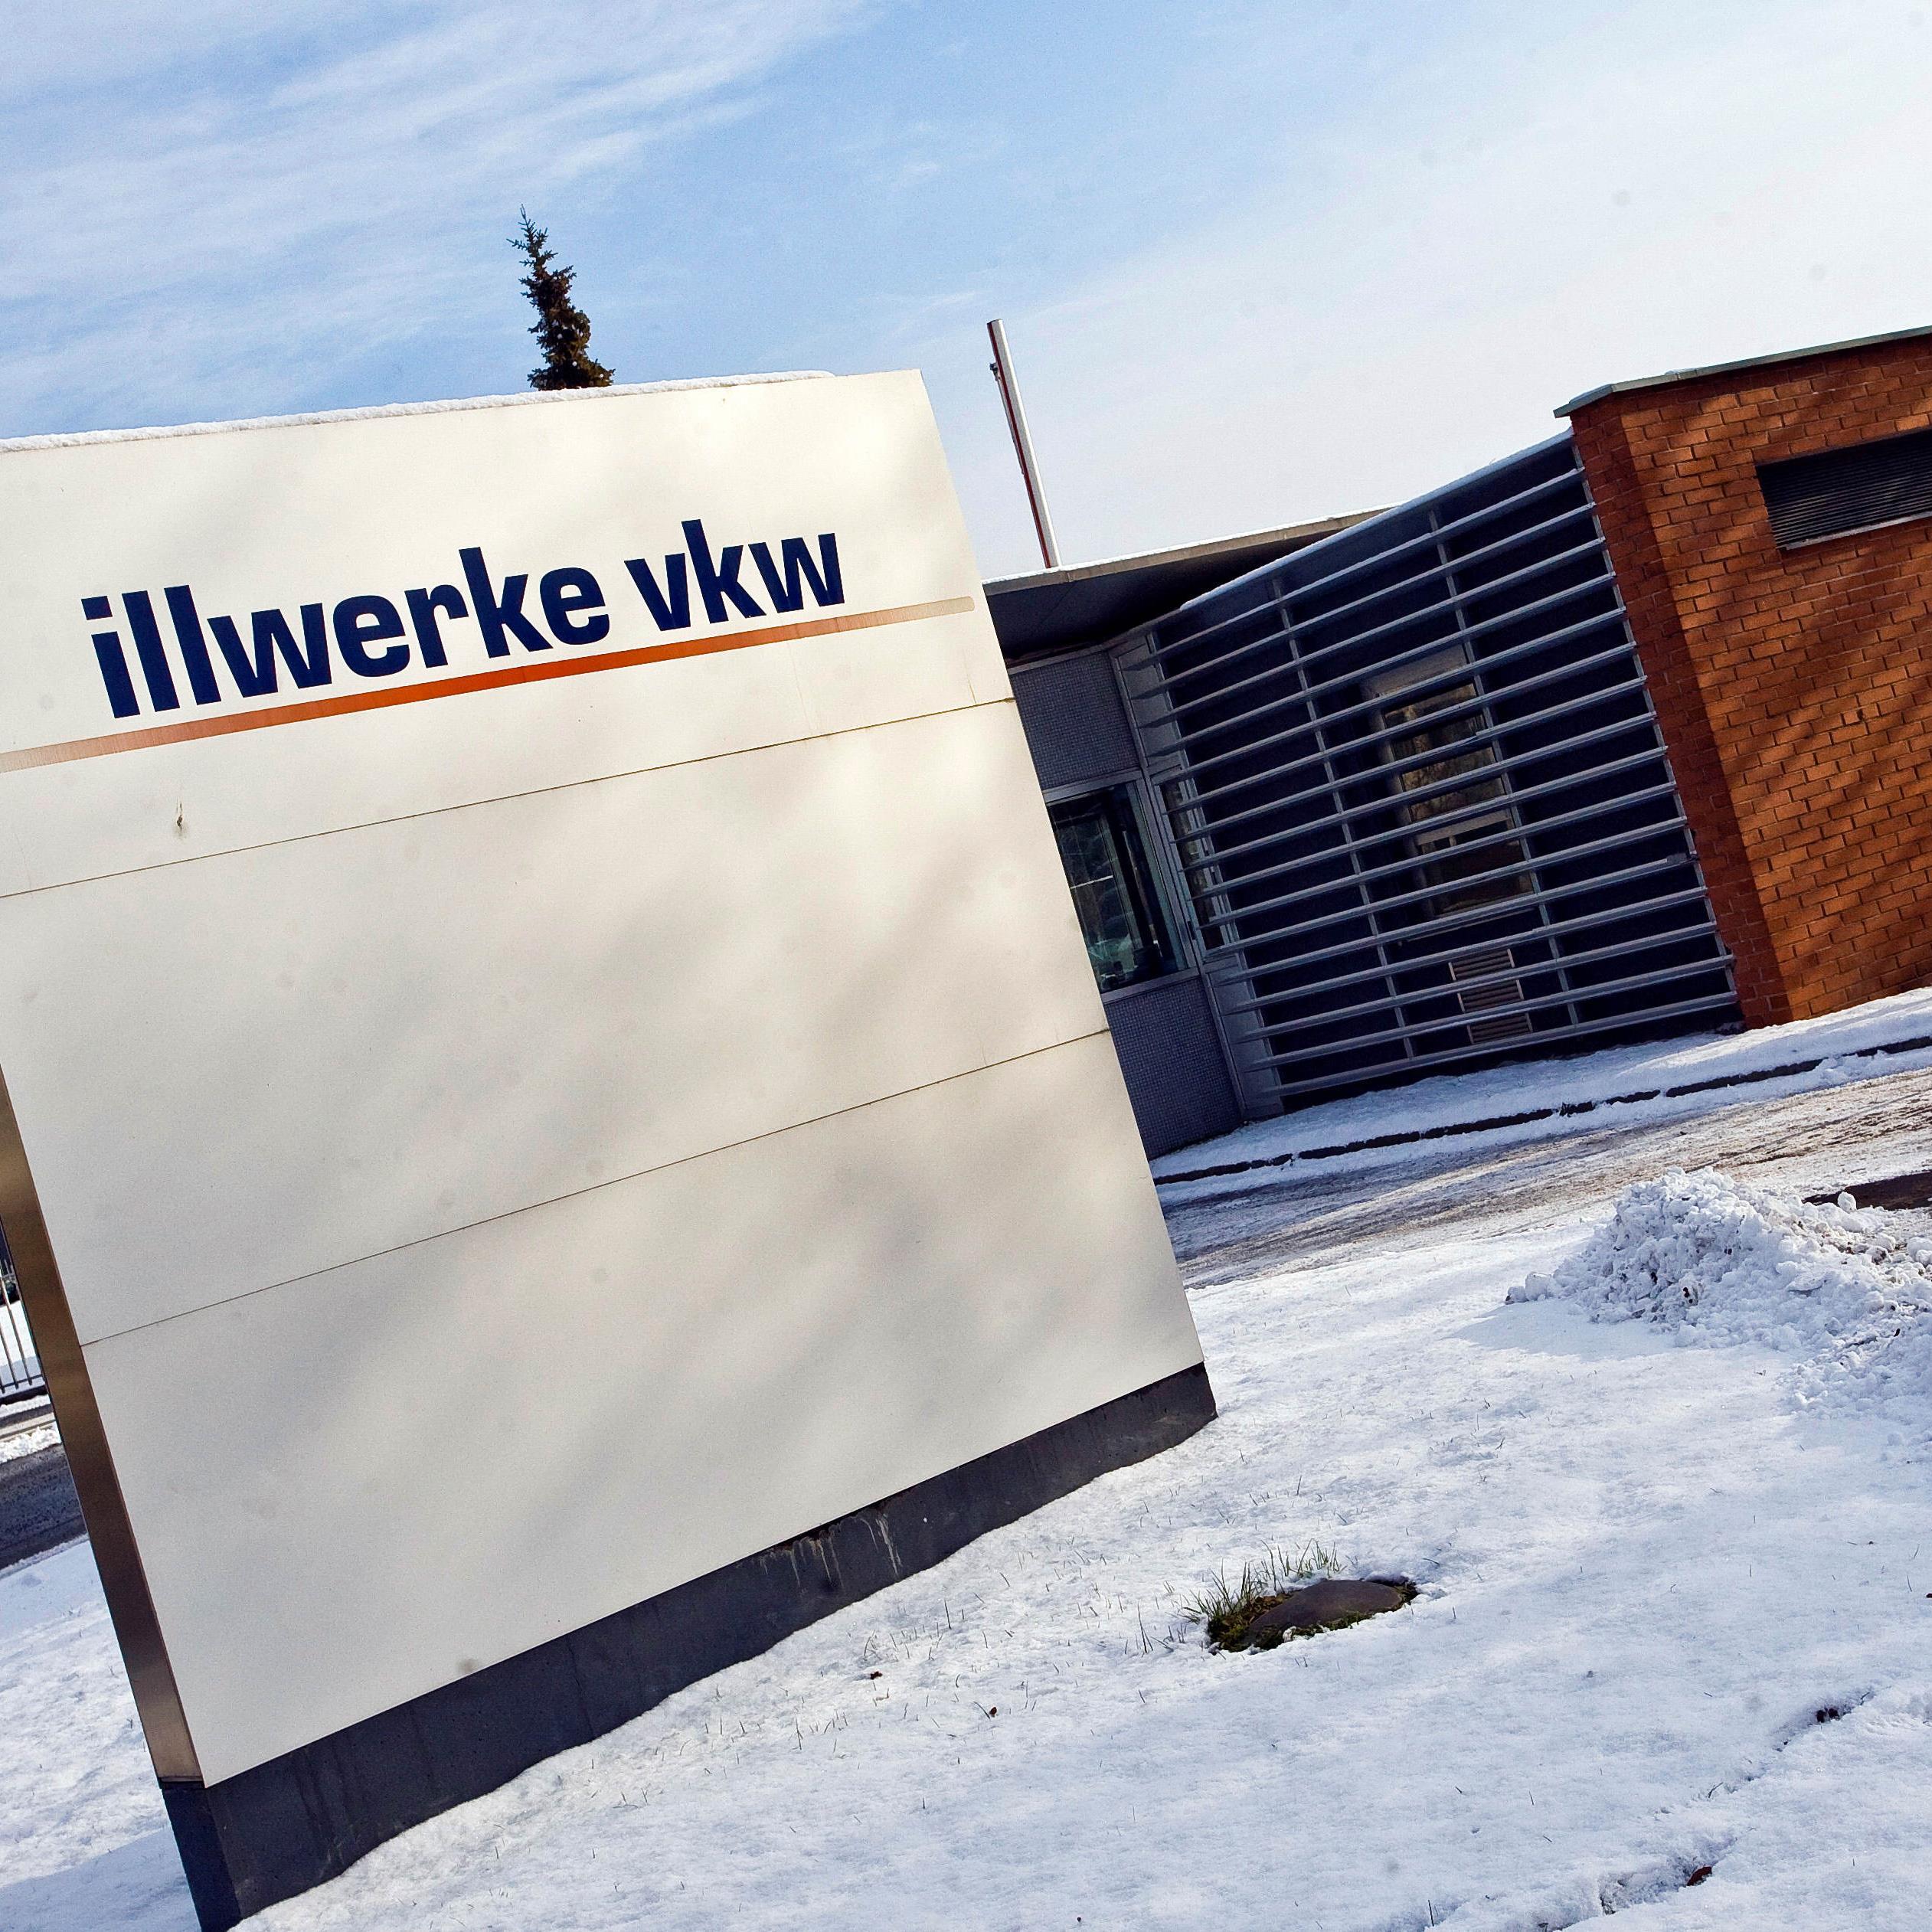 Die illlwerke vkw investiert 2016 229 Millionen Euro.